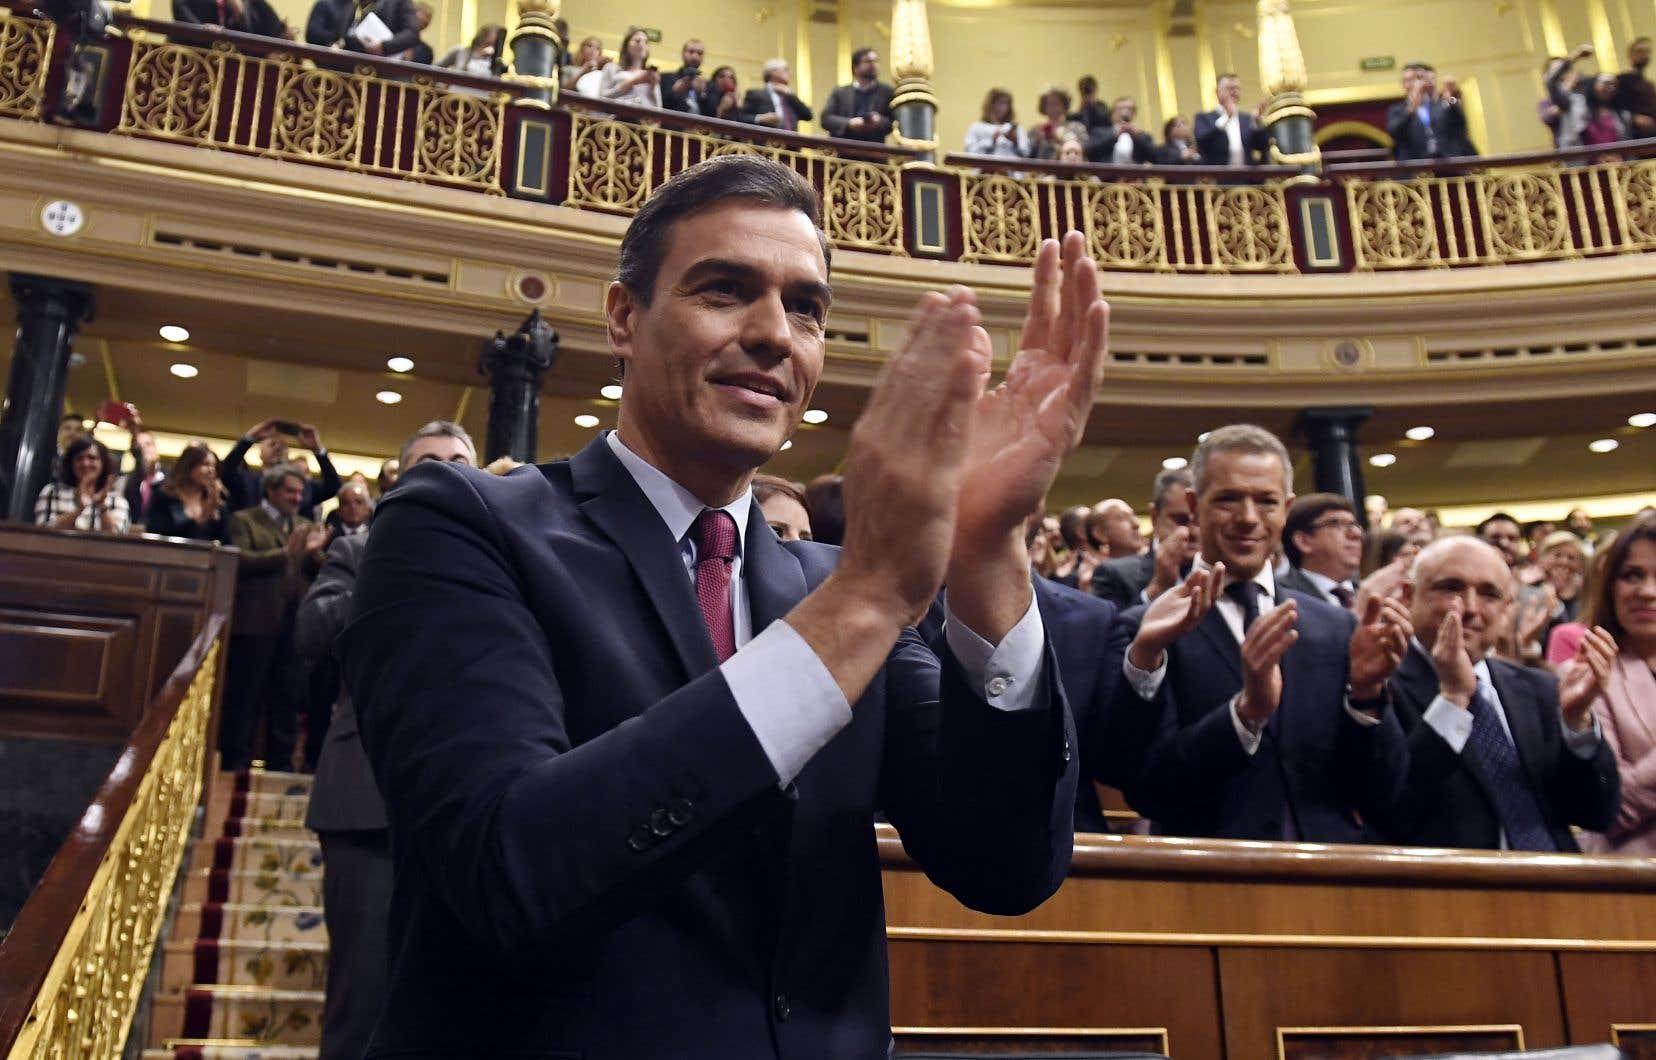 Pedro Sánchez a été reconduit au pouvoir mardi d'extrême justesse par les députés espagnols, après huit mois de paralysie politique.